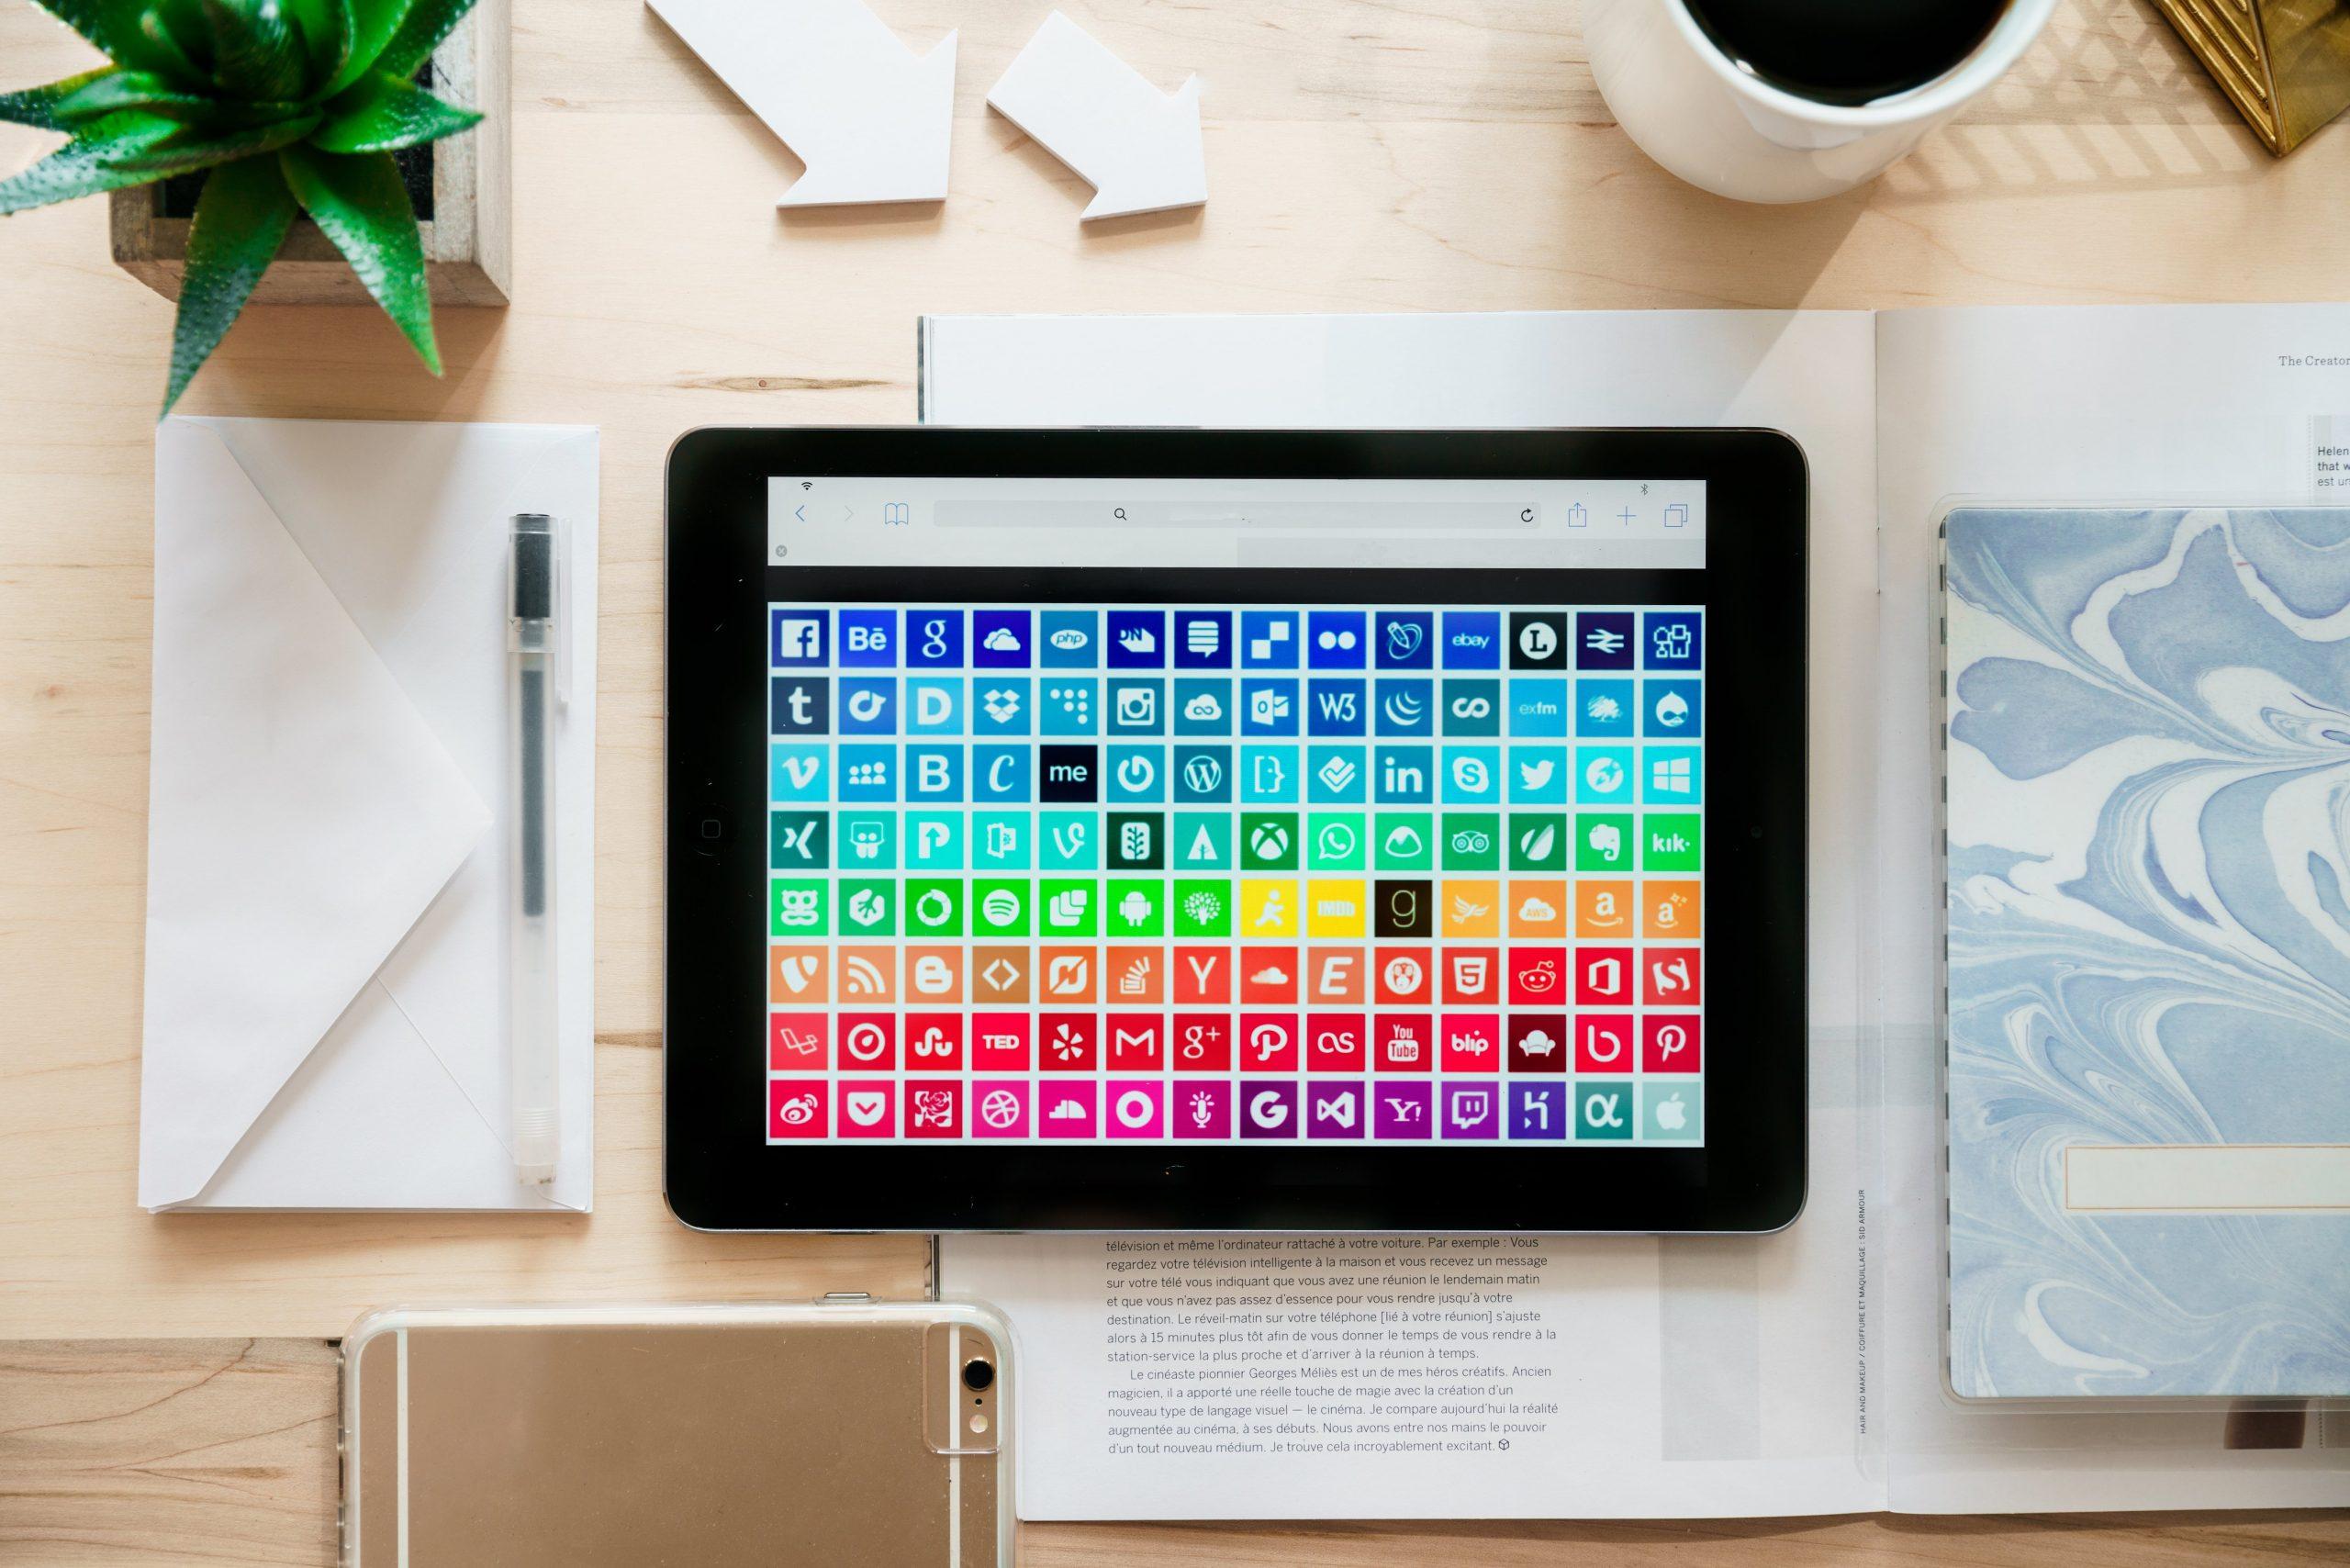 Les tendances en marketing digital et les réseaux sociaux